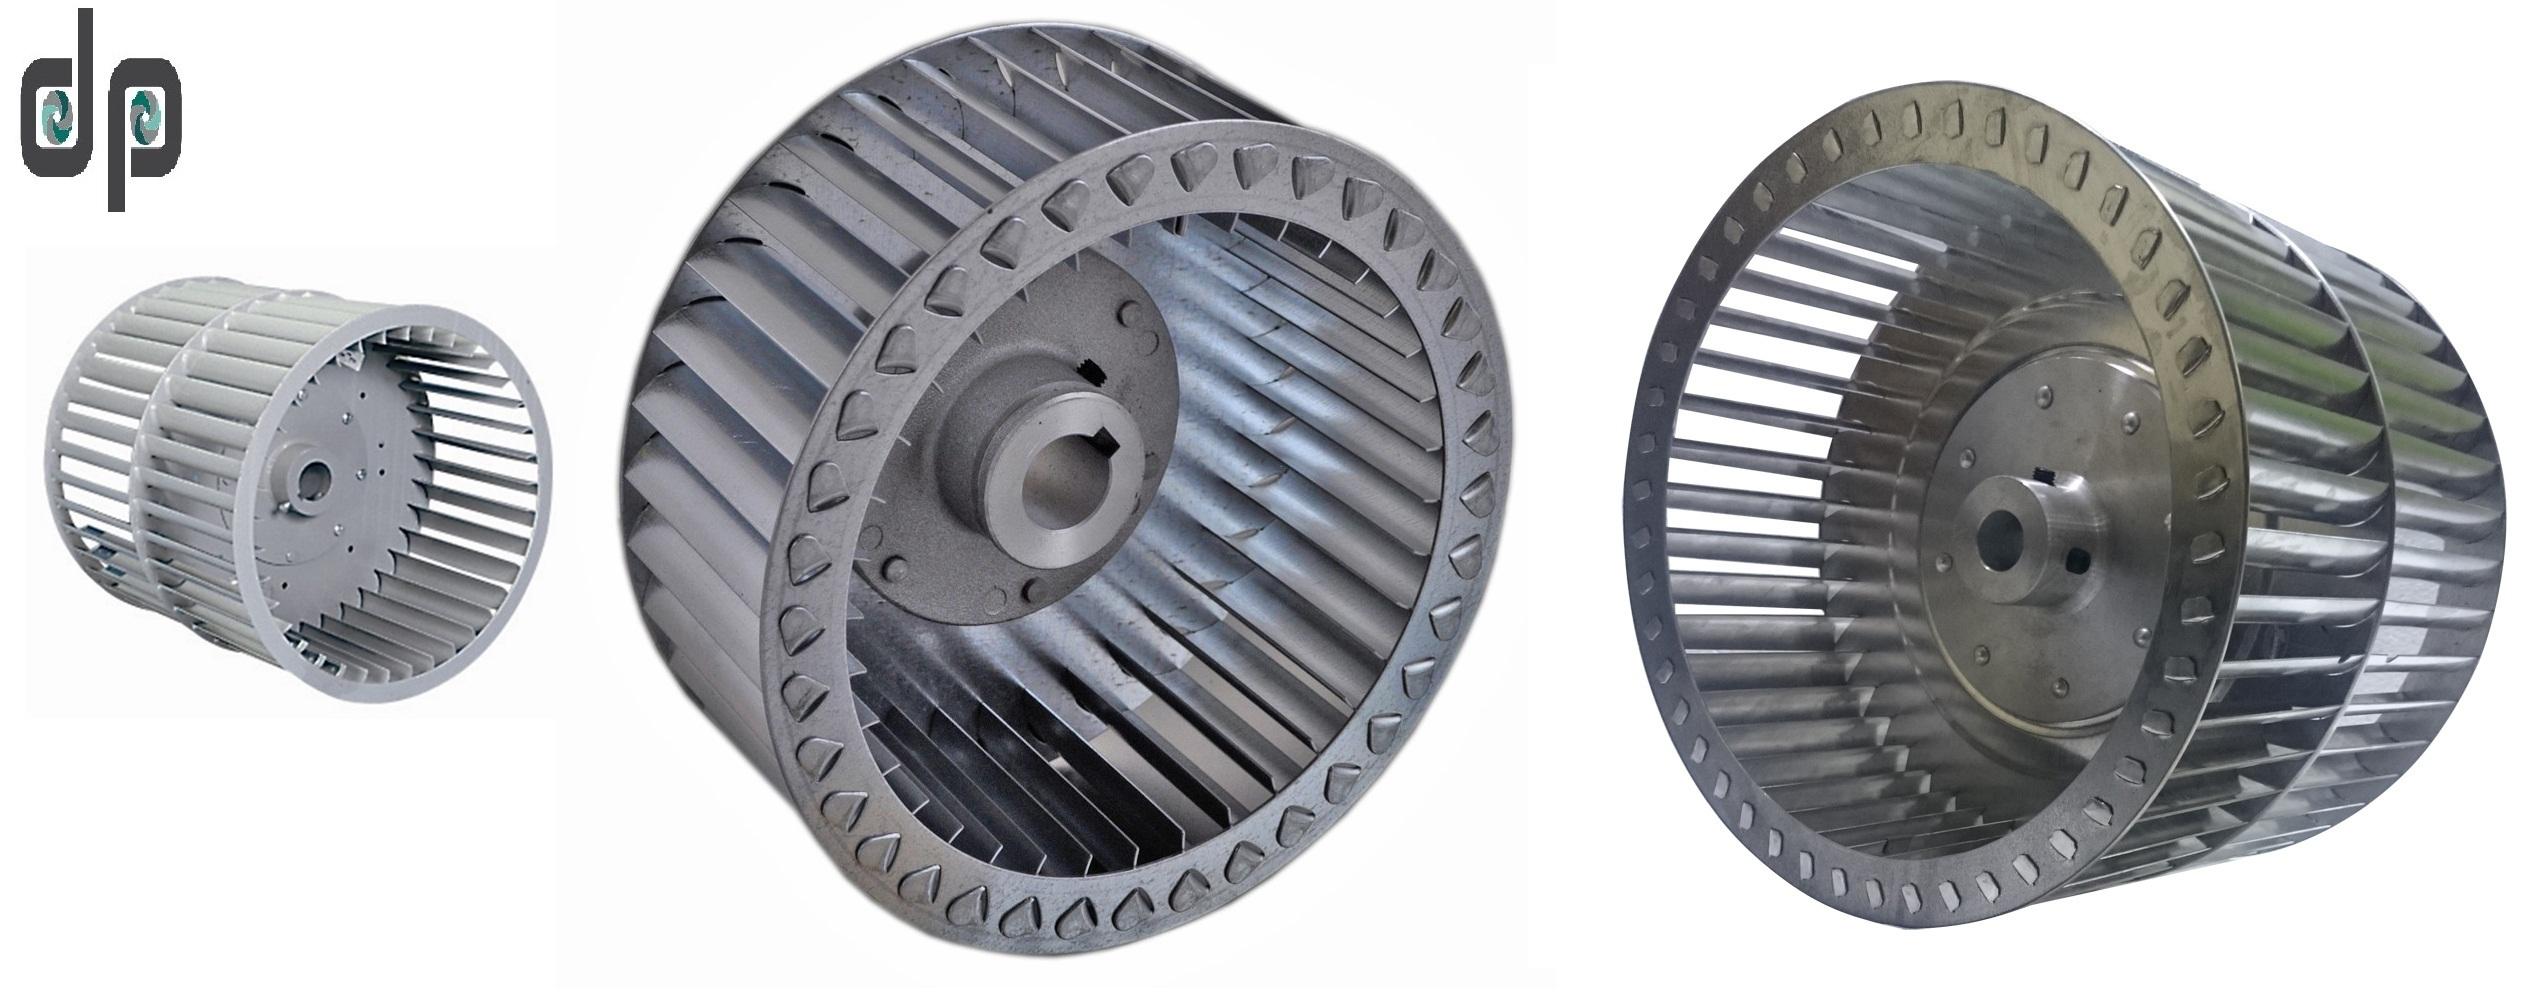 DIDW Centrifugal Fan 230 MM X 152 MM